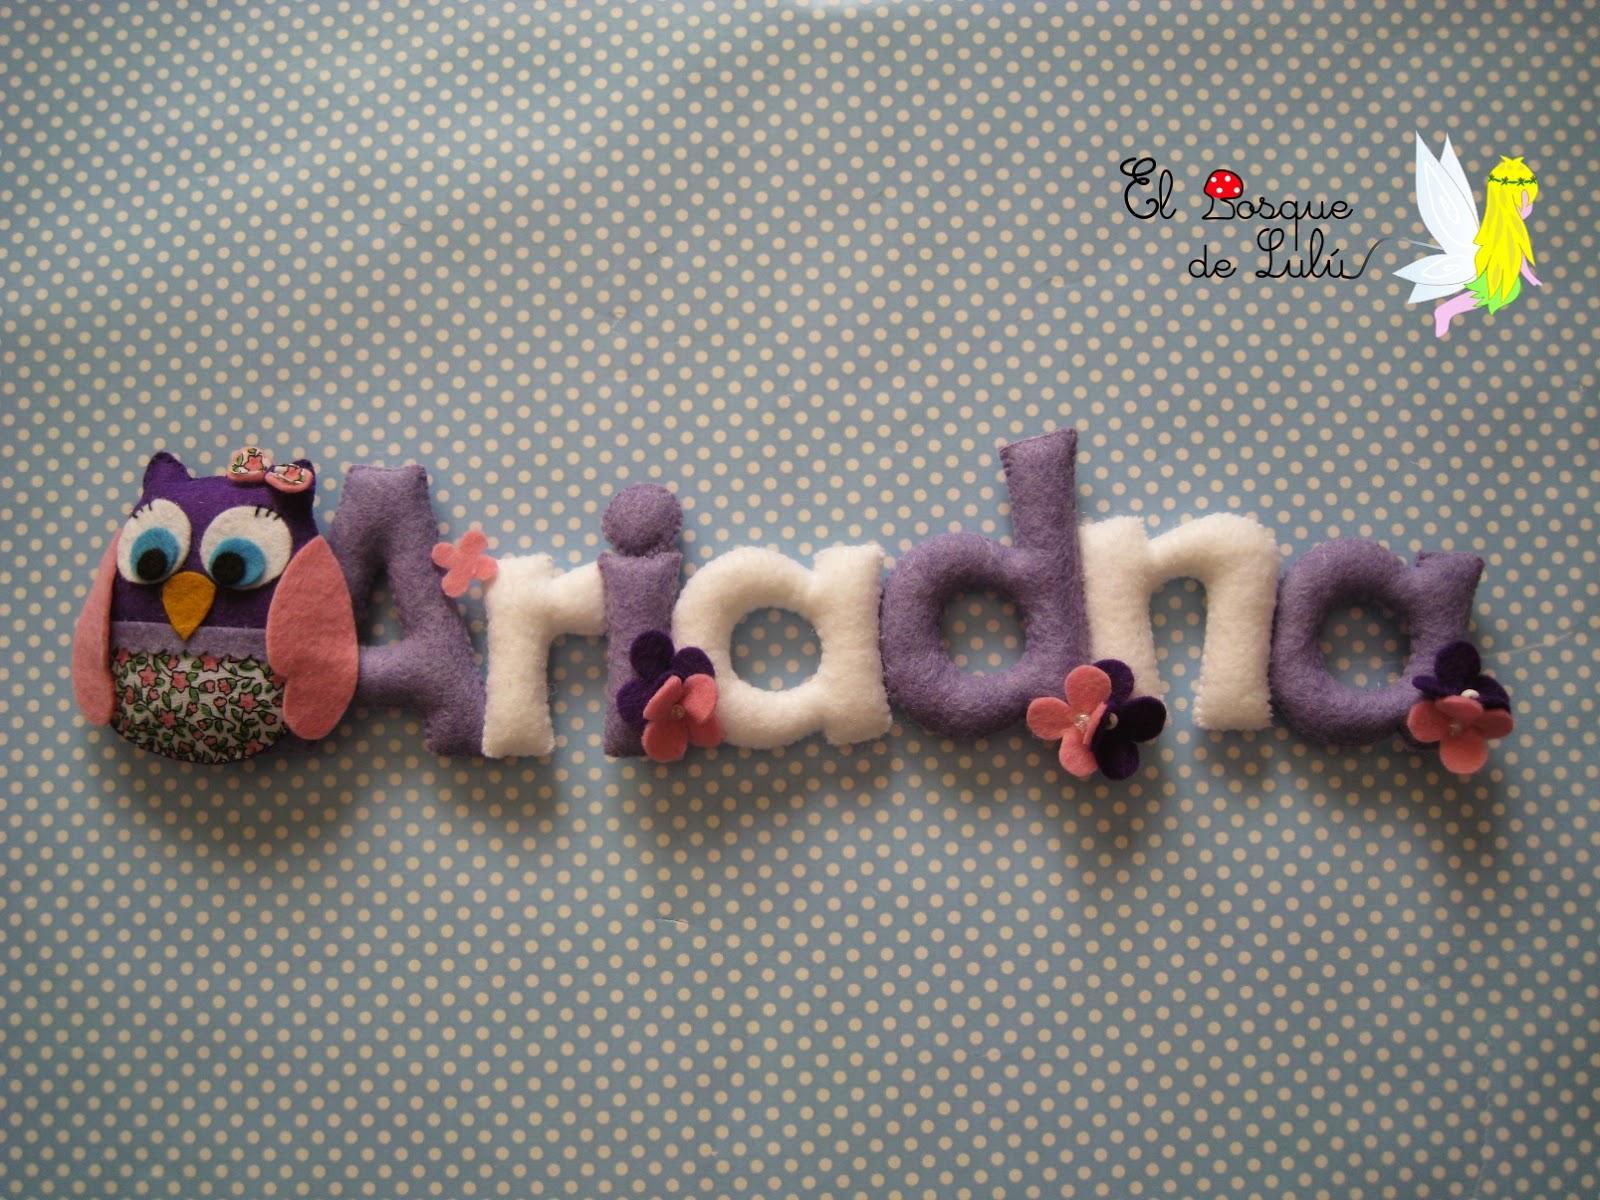 nombre-decorativo-de-fieltro-en-fieltro-buho-Ariadna-decoración-finantil-name-banner